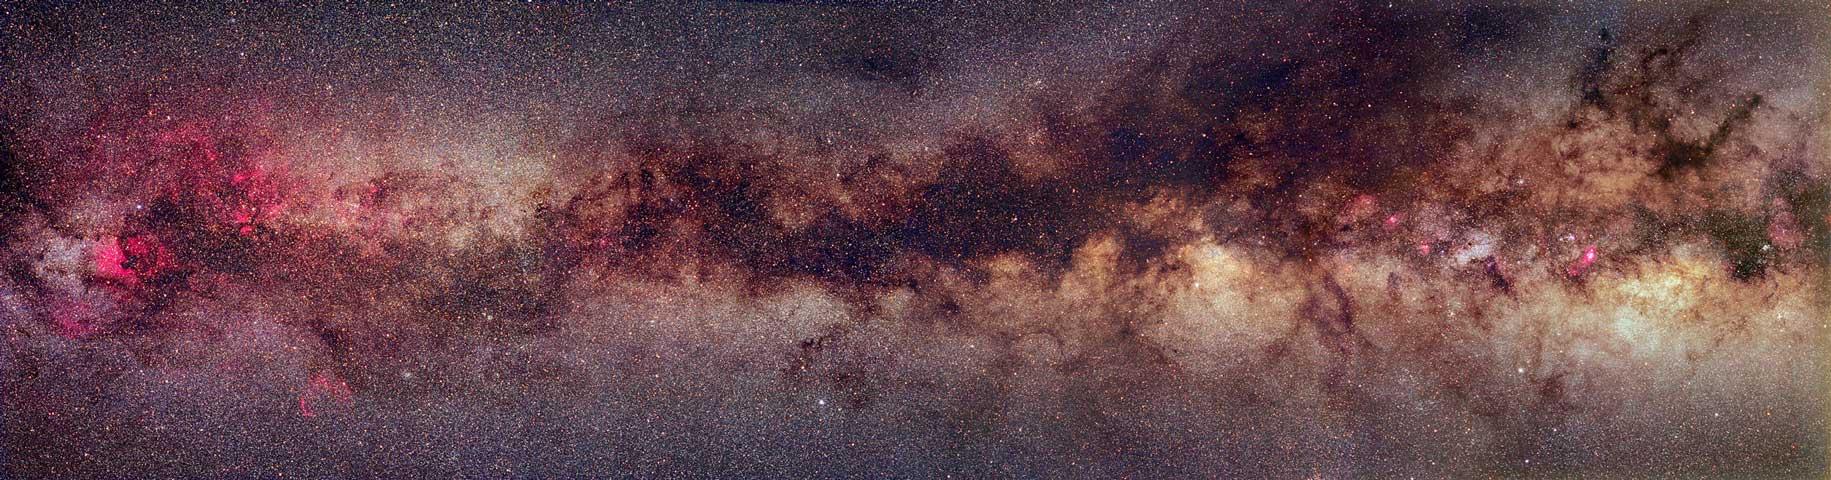 La franja de la Vía Láctea